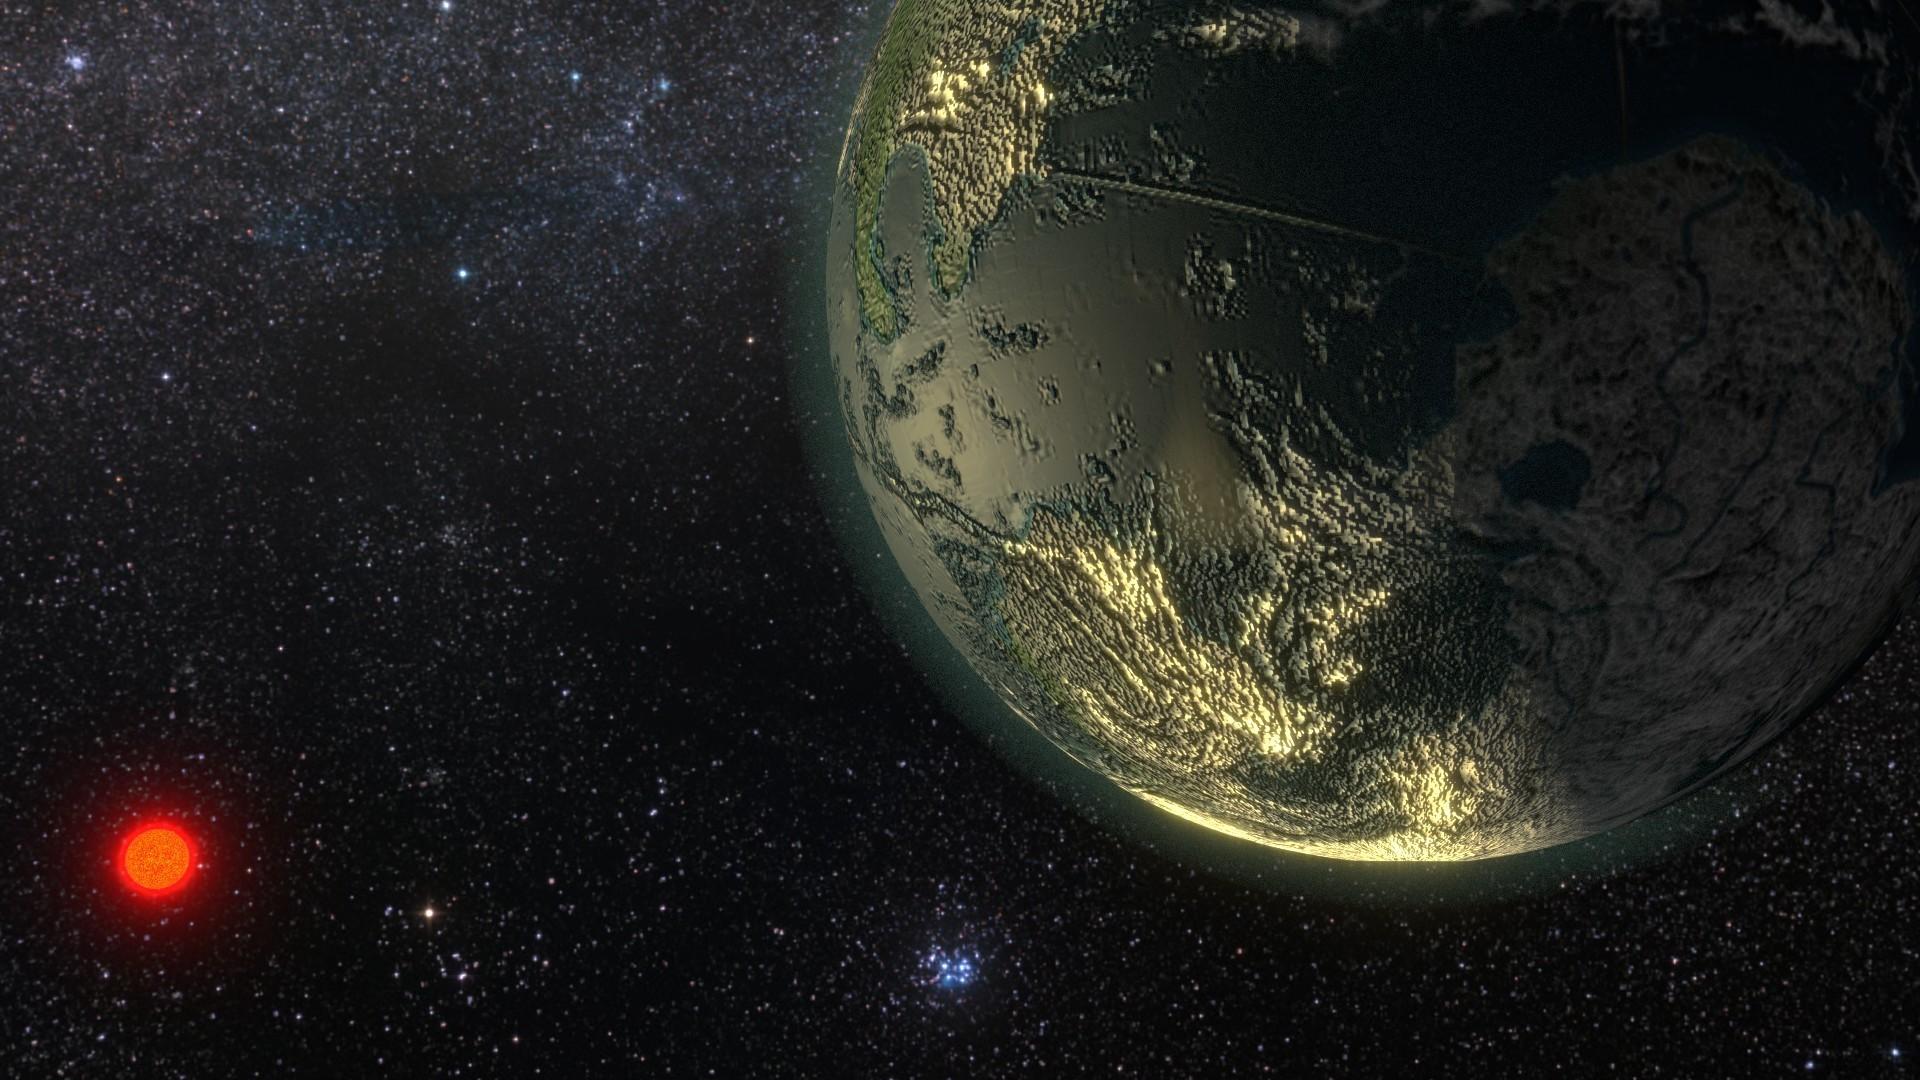 Ilustração de um exoplaneta feita pela NASA (Foto: Divulgação/NASA)